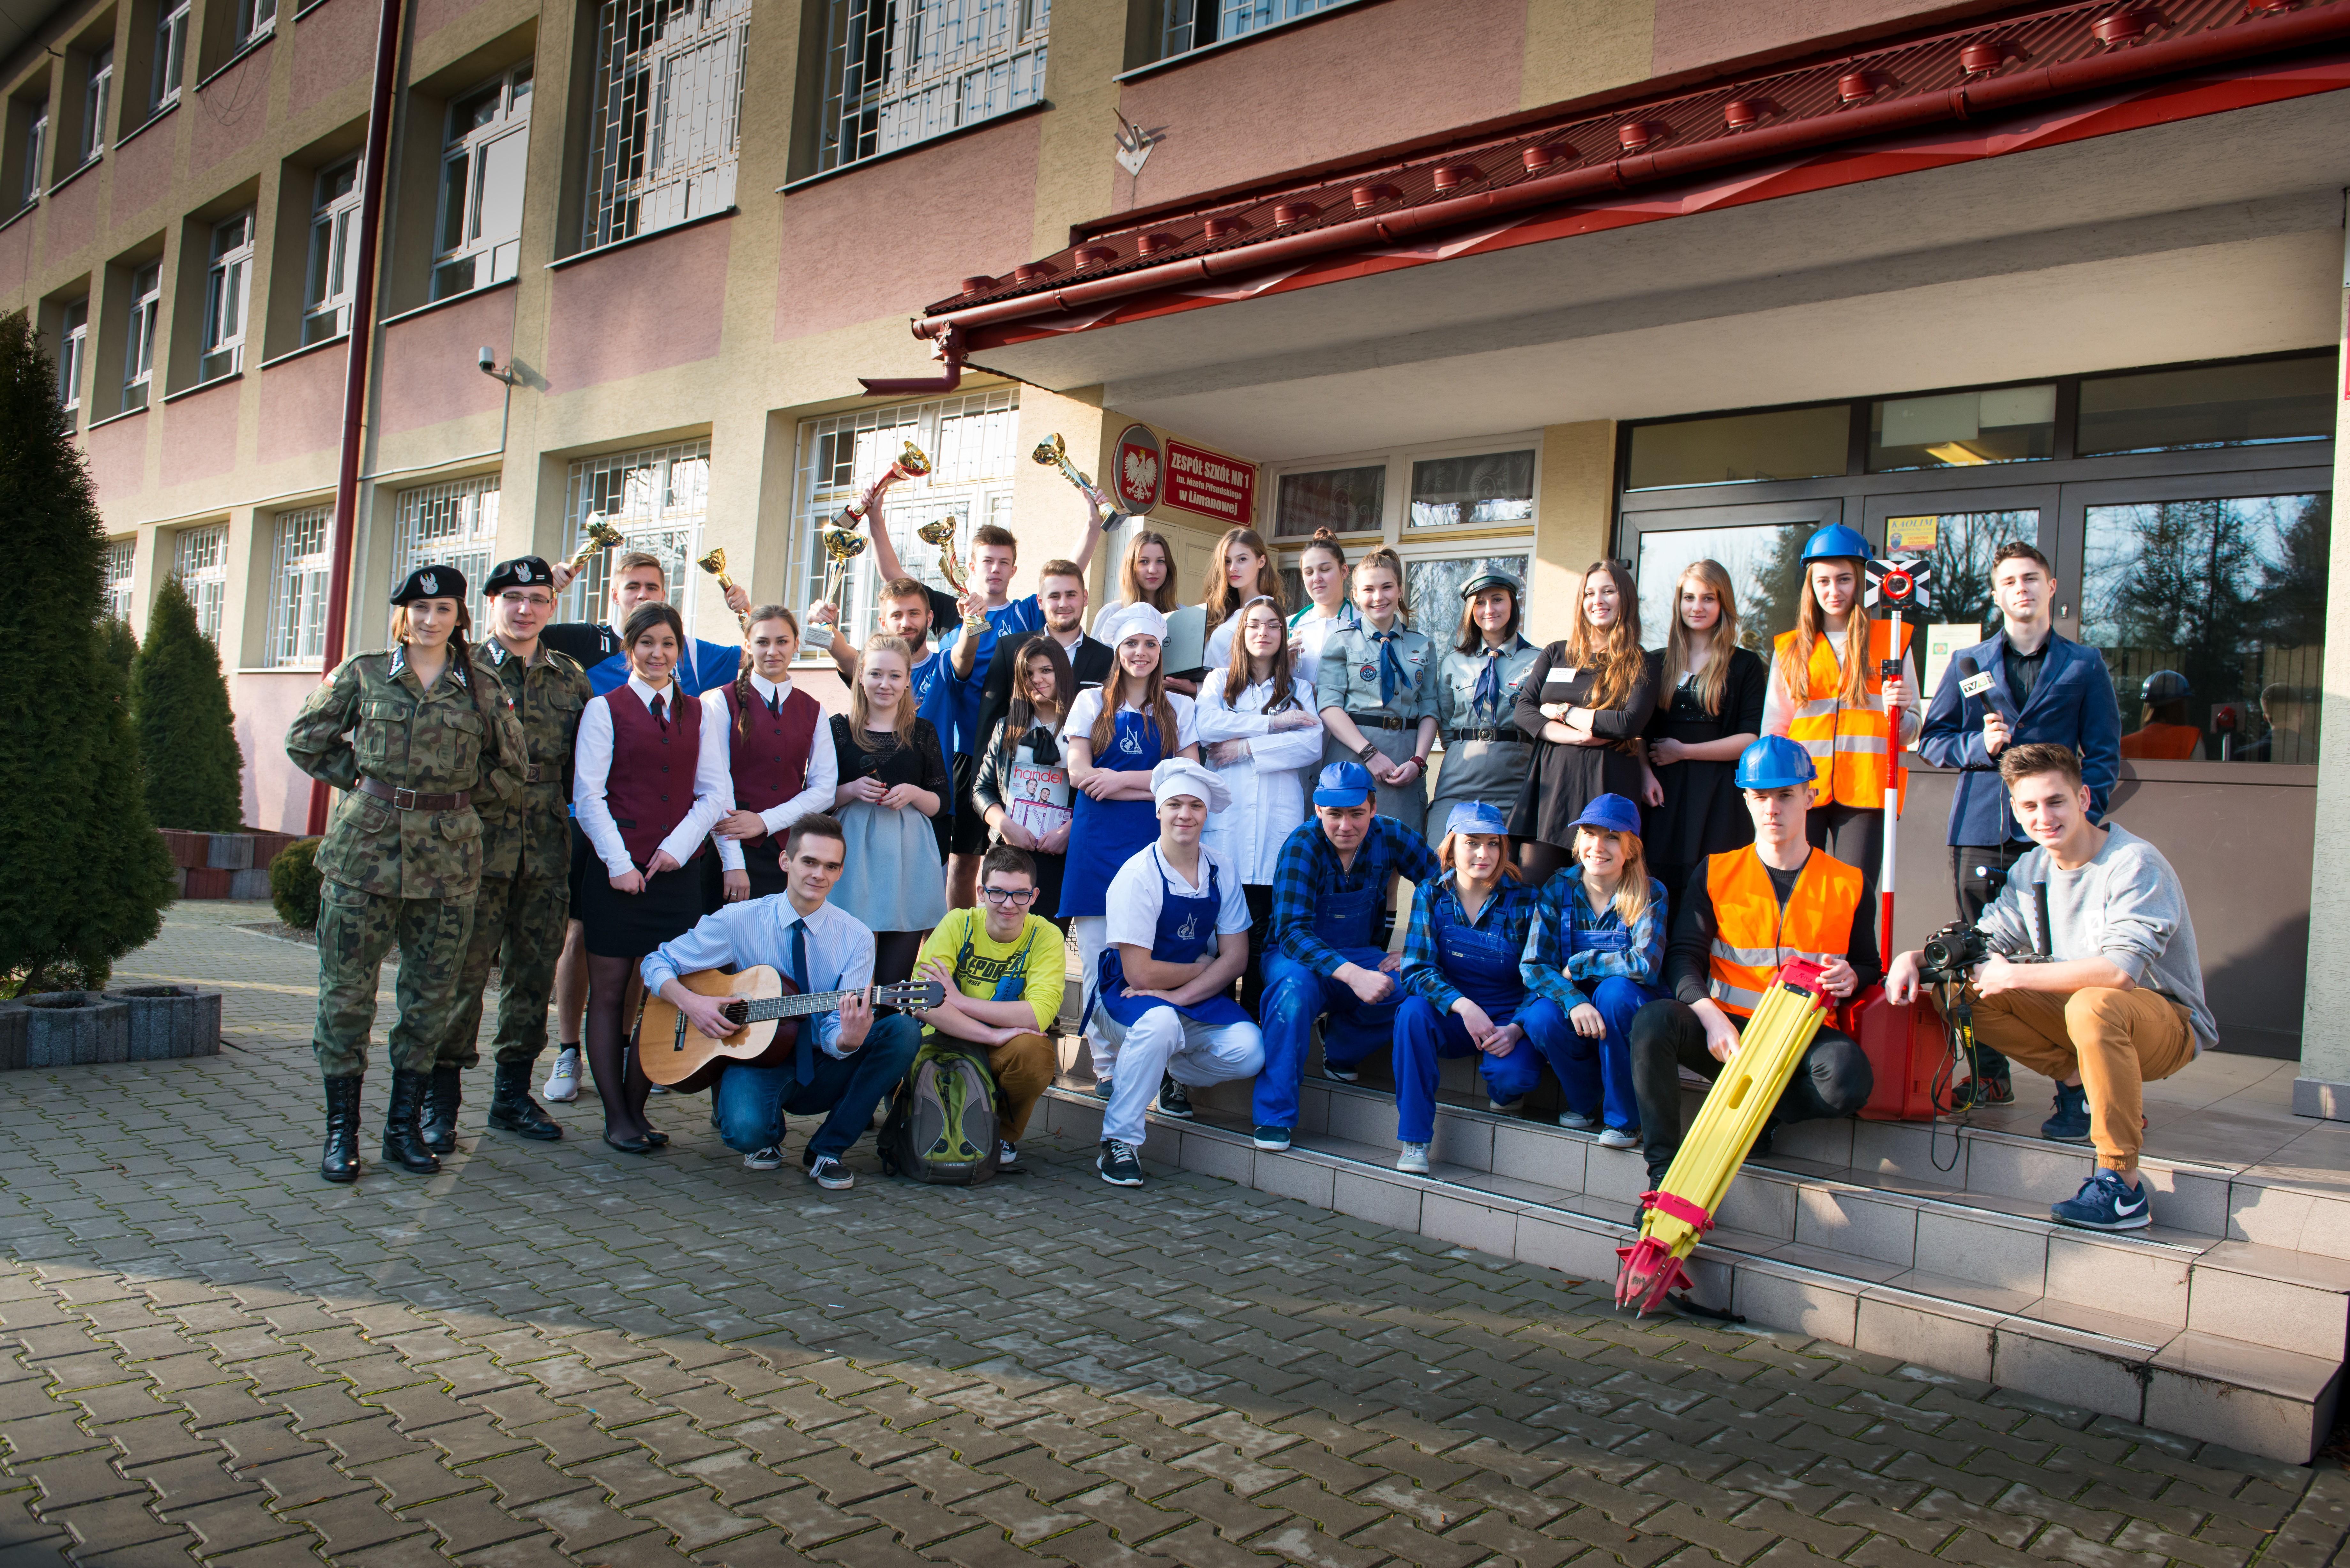 Wspólne zdjęcie uczniów przed budynkiem Zespółu Szkół nr 1 w Limanowej